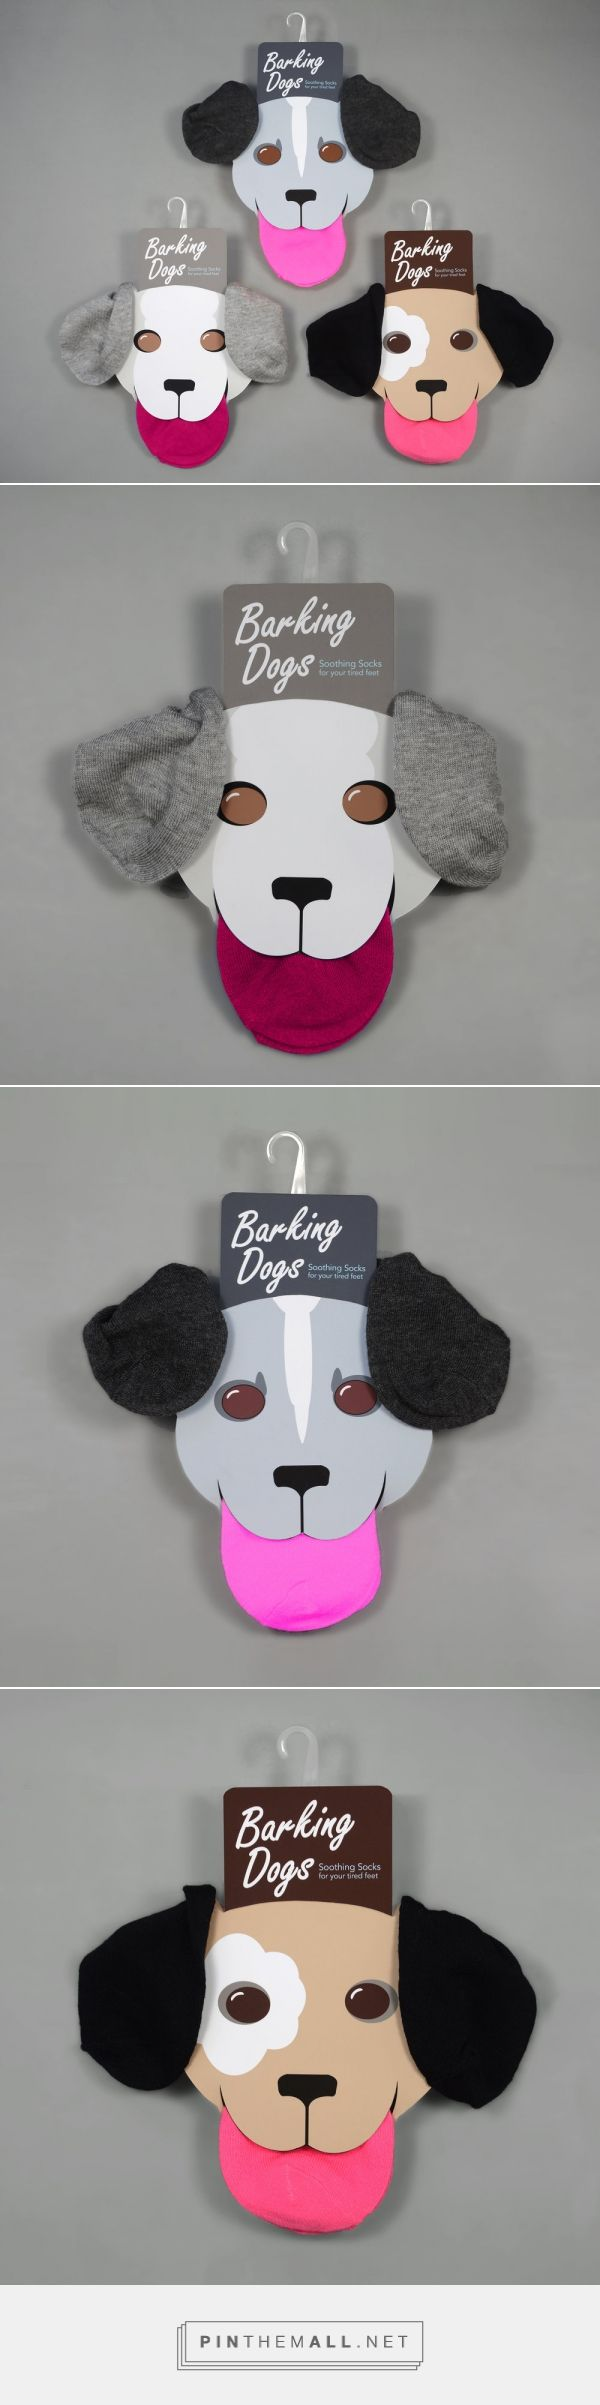 Gwyn Lewis - Barking Dogs Socks by Designed by Gwyn Lewis